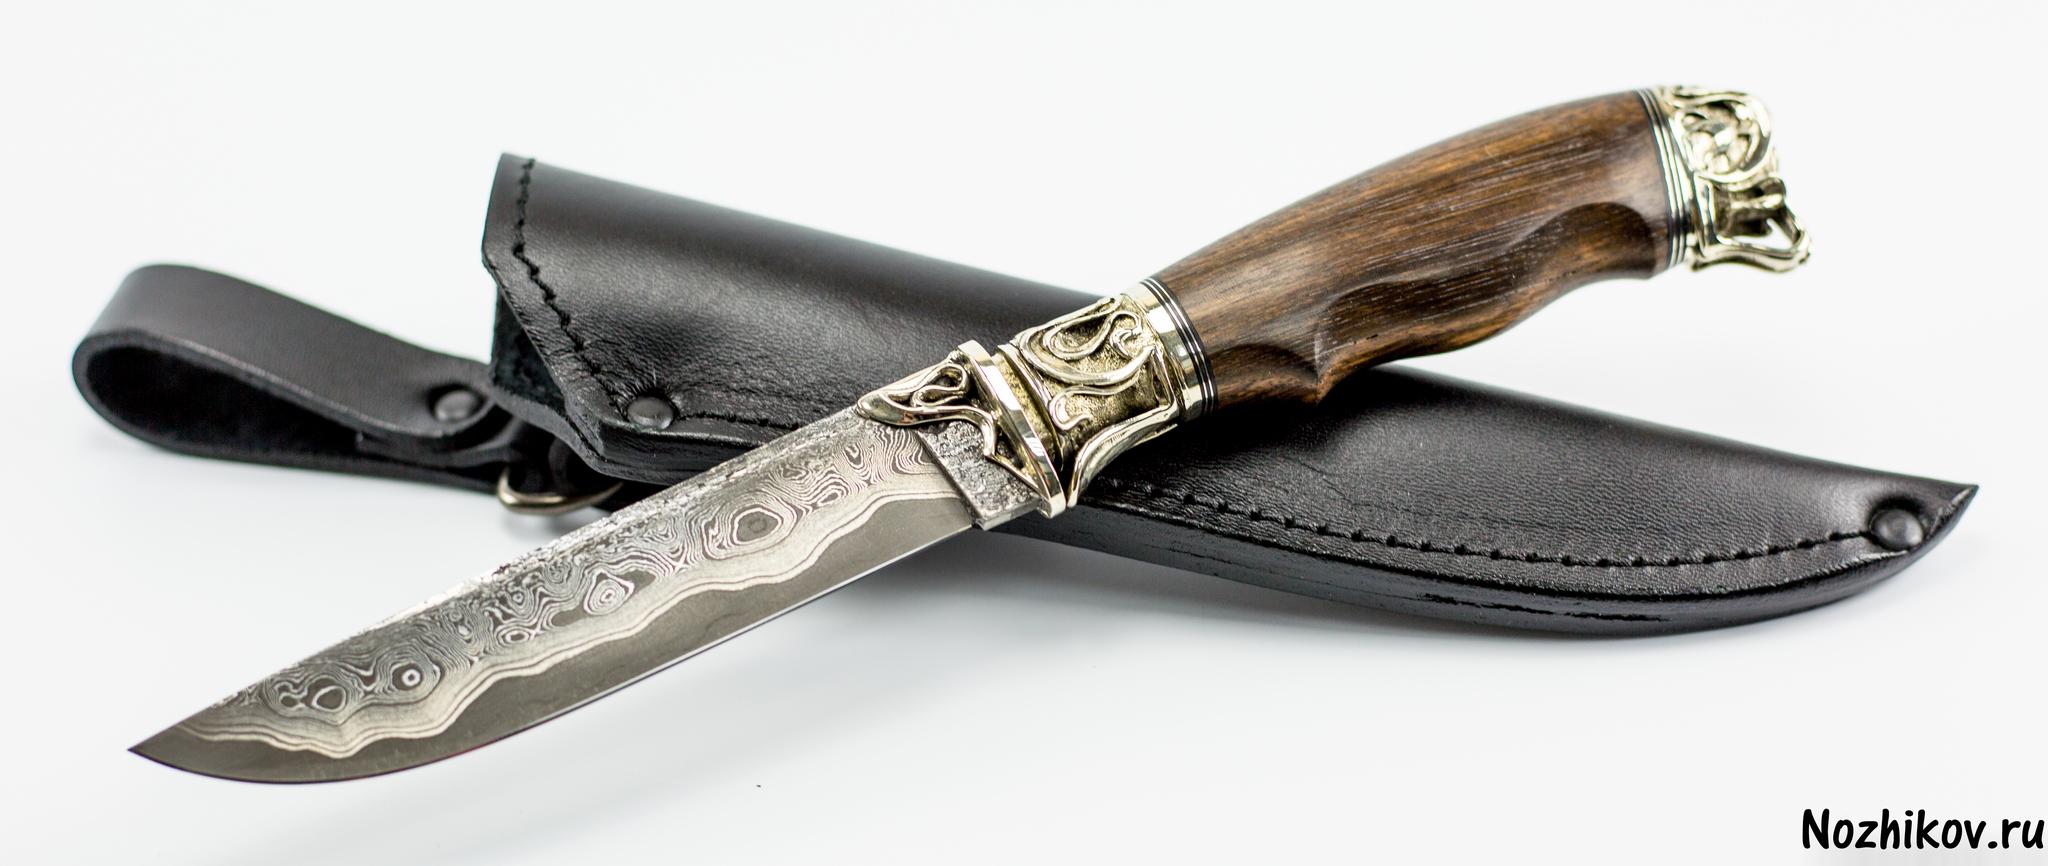 Нож Подарочный №52 из Ламината с никелем, от Приказчикова, коричн.